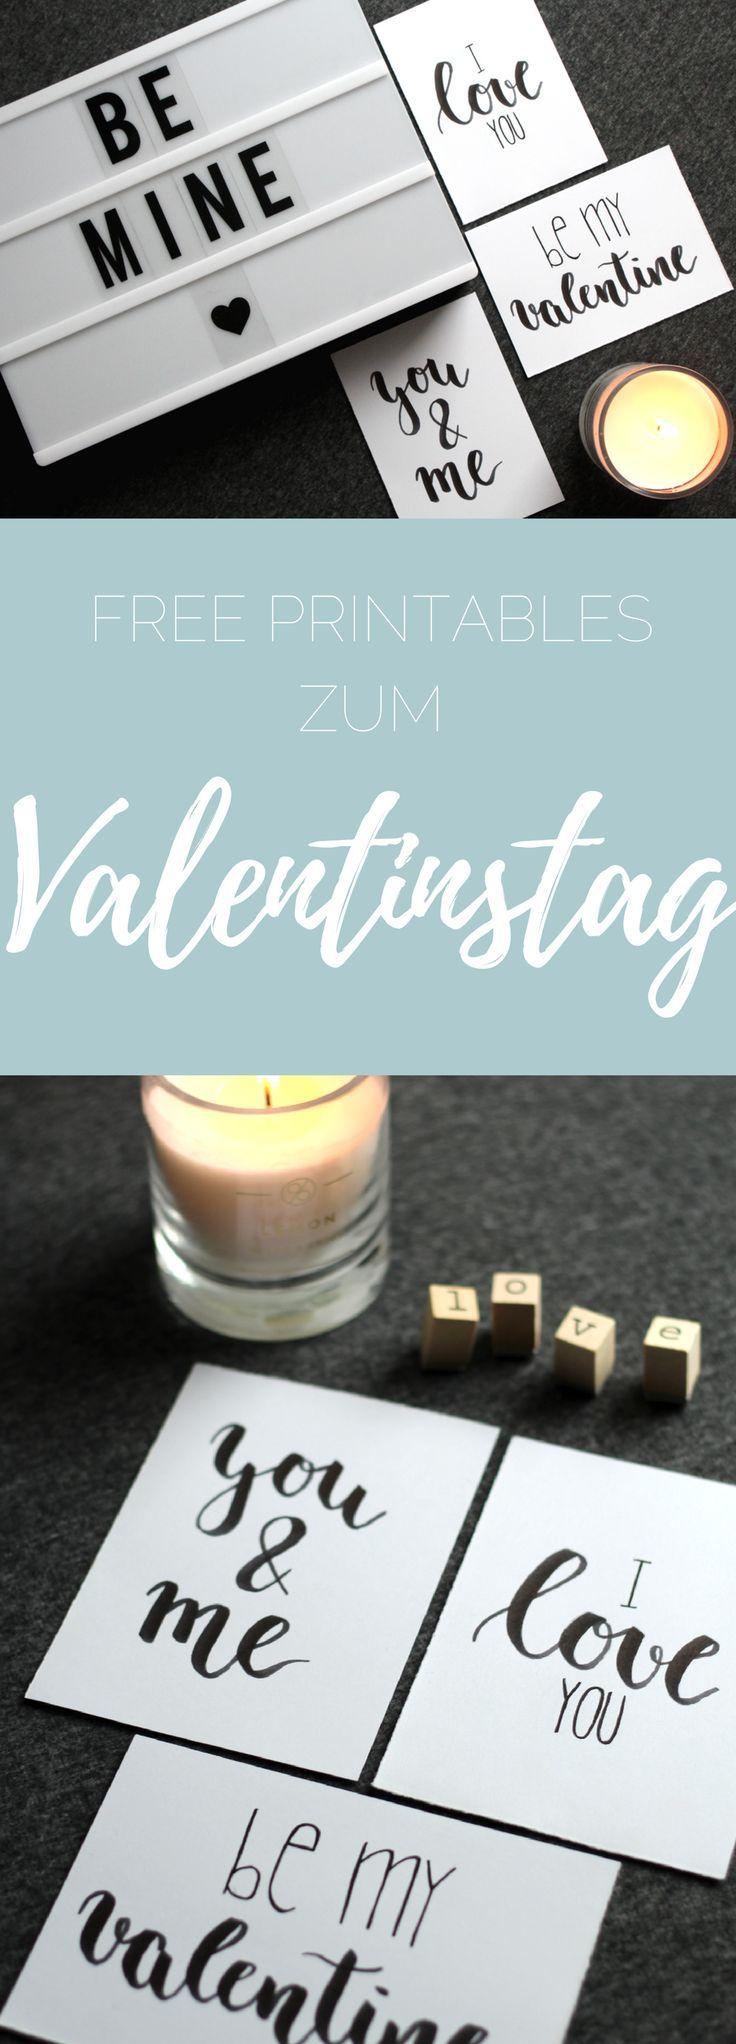 {handlettering} Kostenlose Printables zum Valentinstag für Karten, Poster und mehr – Personello – DIY Ideen: Geschenke, Deko, Basteln & Selbermachen